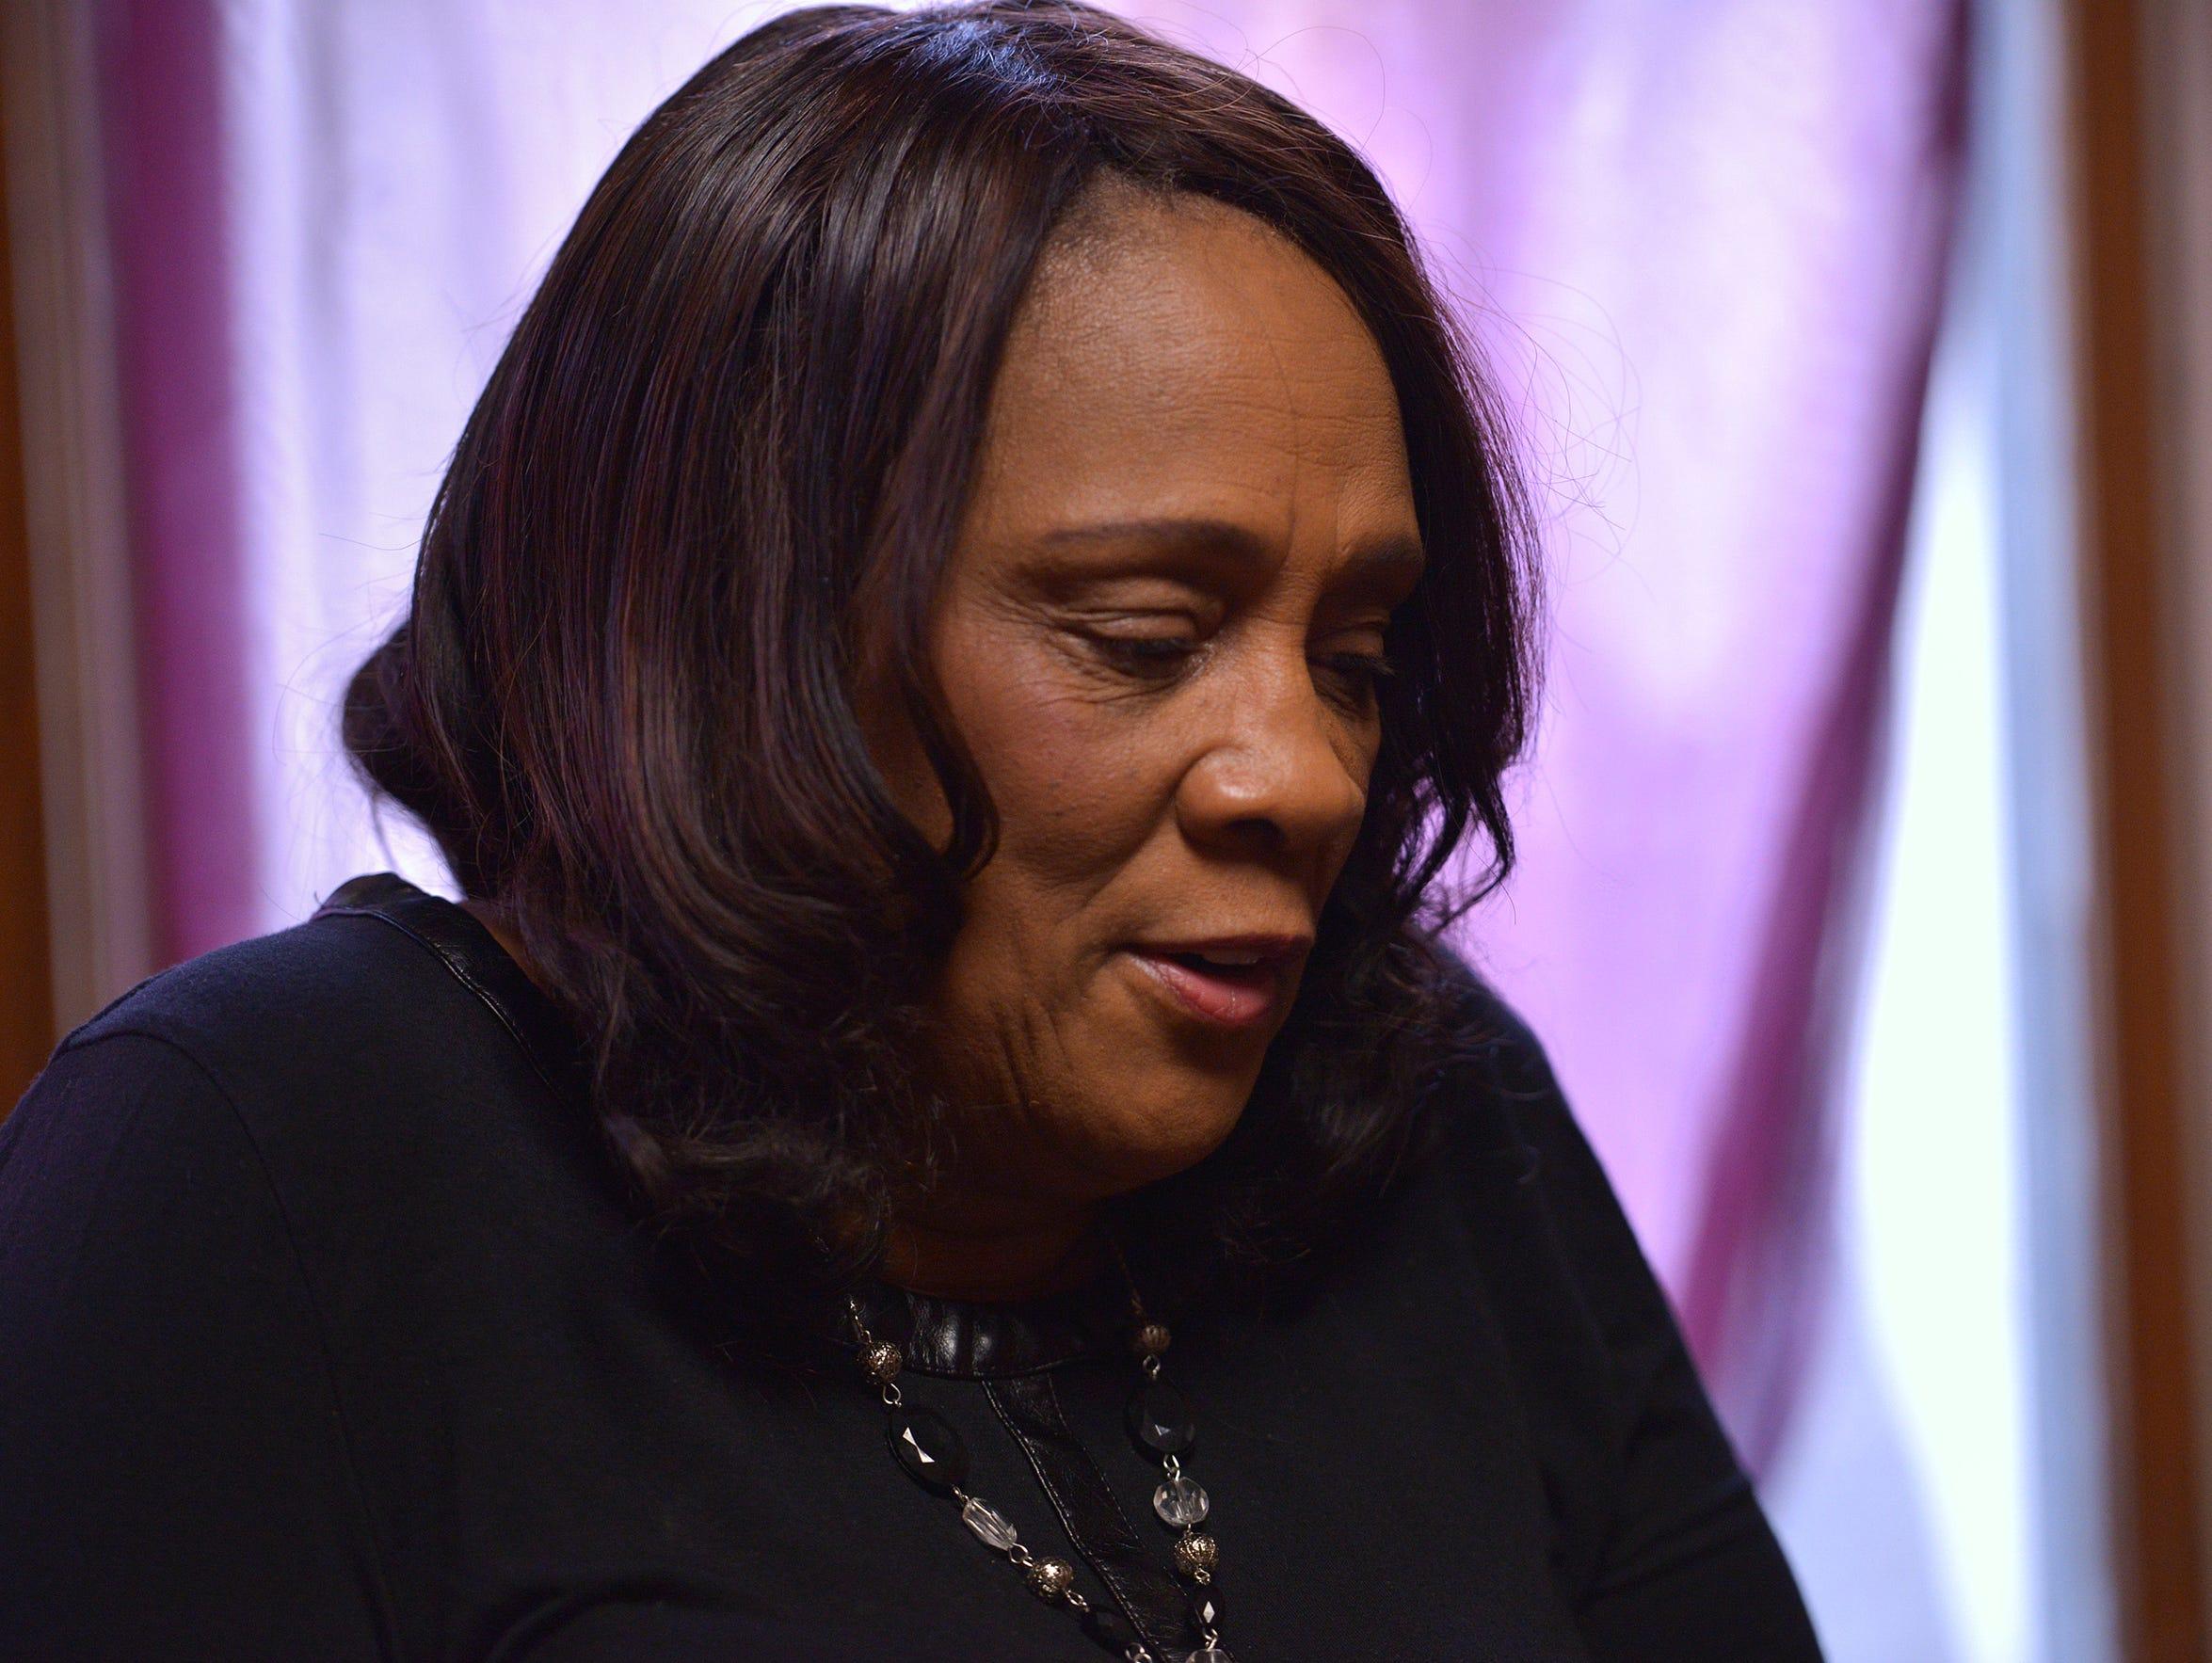 Former sex trafficking victim Vednita Carter founded